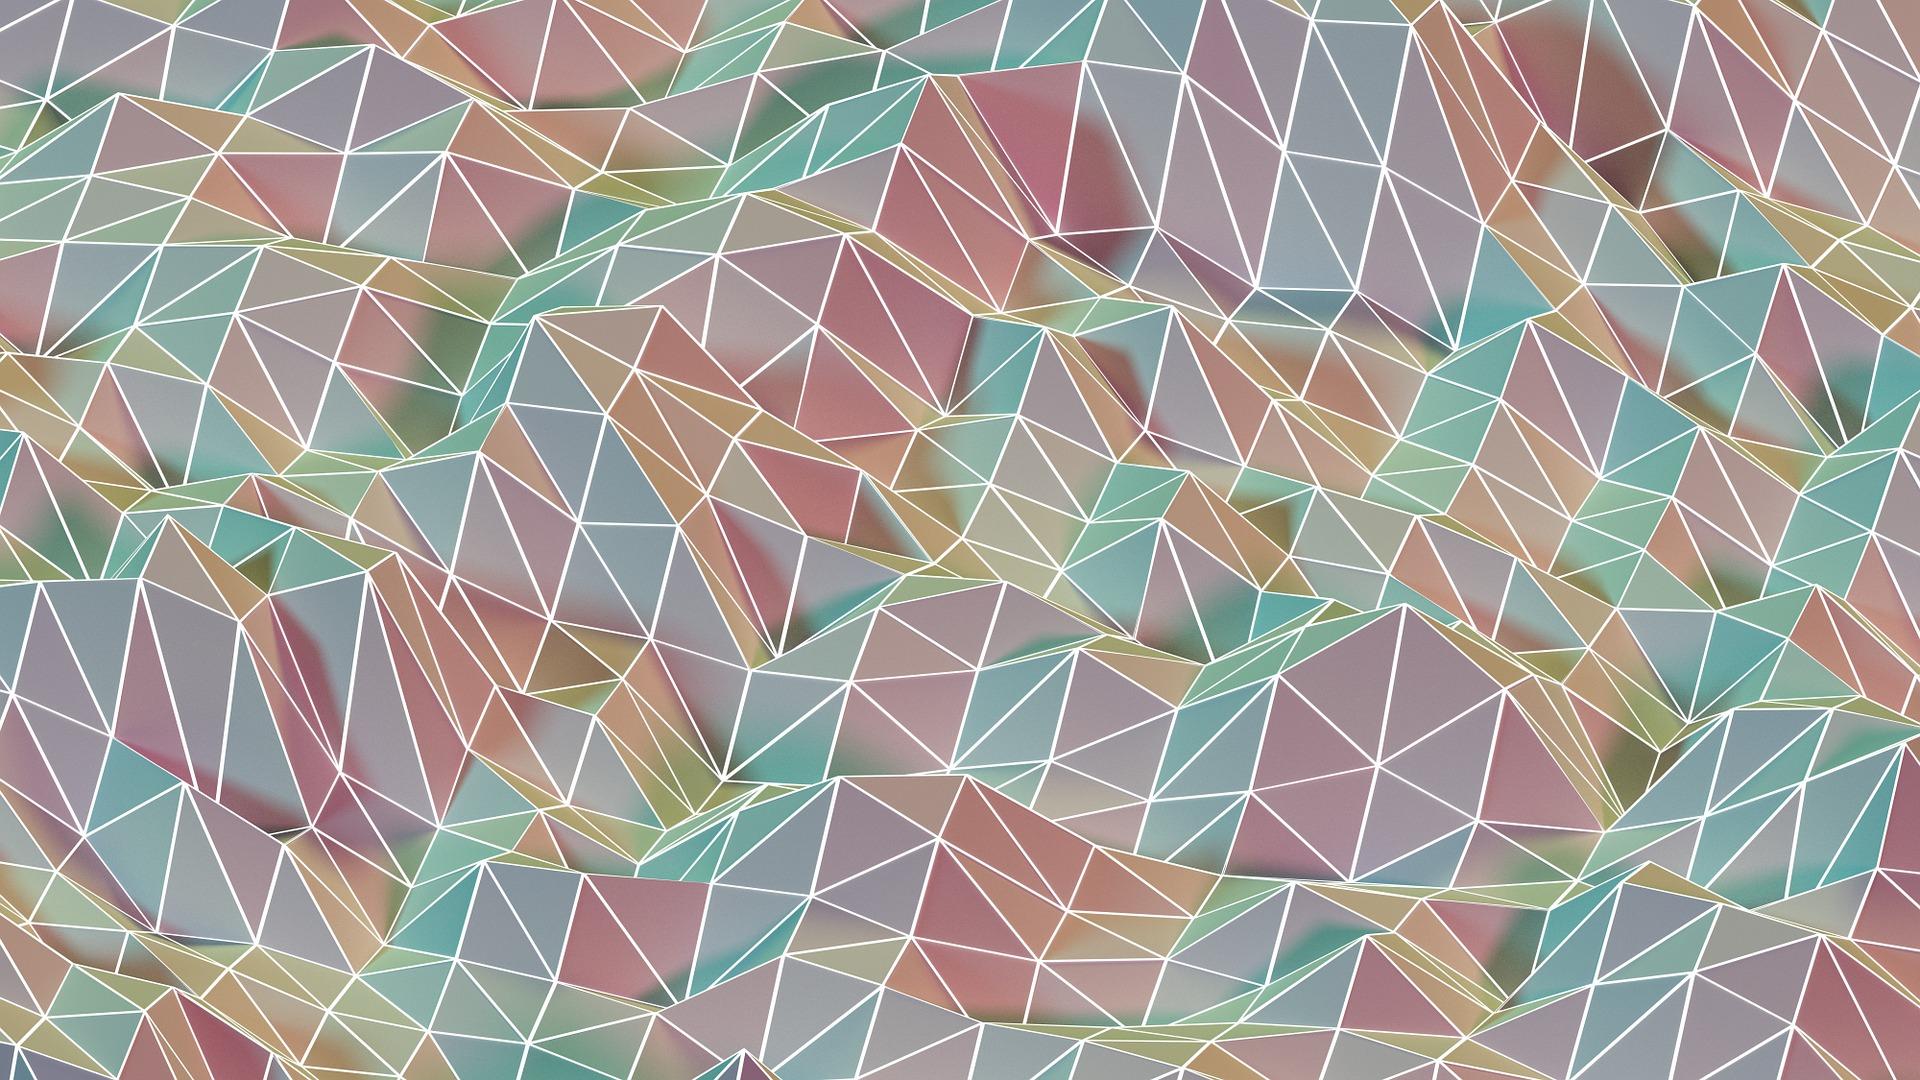 Μορφές, χρώματα, επιφάνεια, τρίγωνα, σπάνια - Wallpapers HD - Professor-falken.com